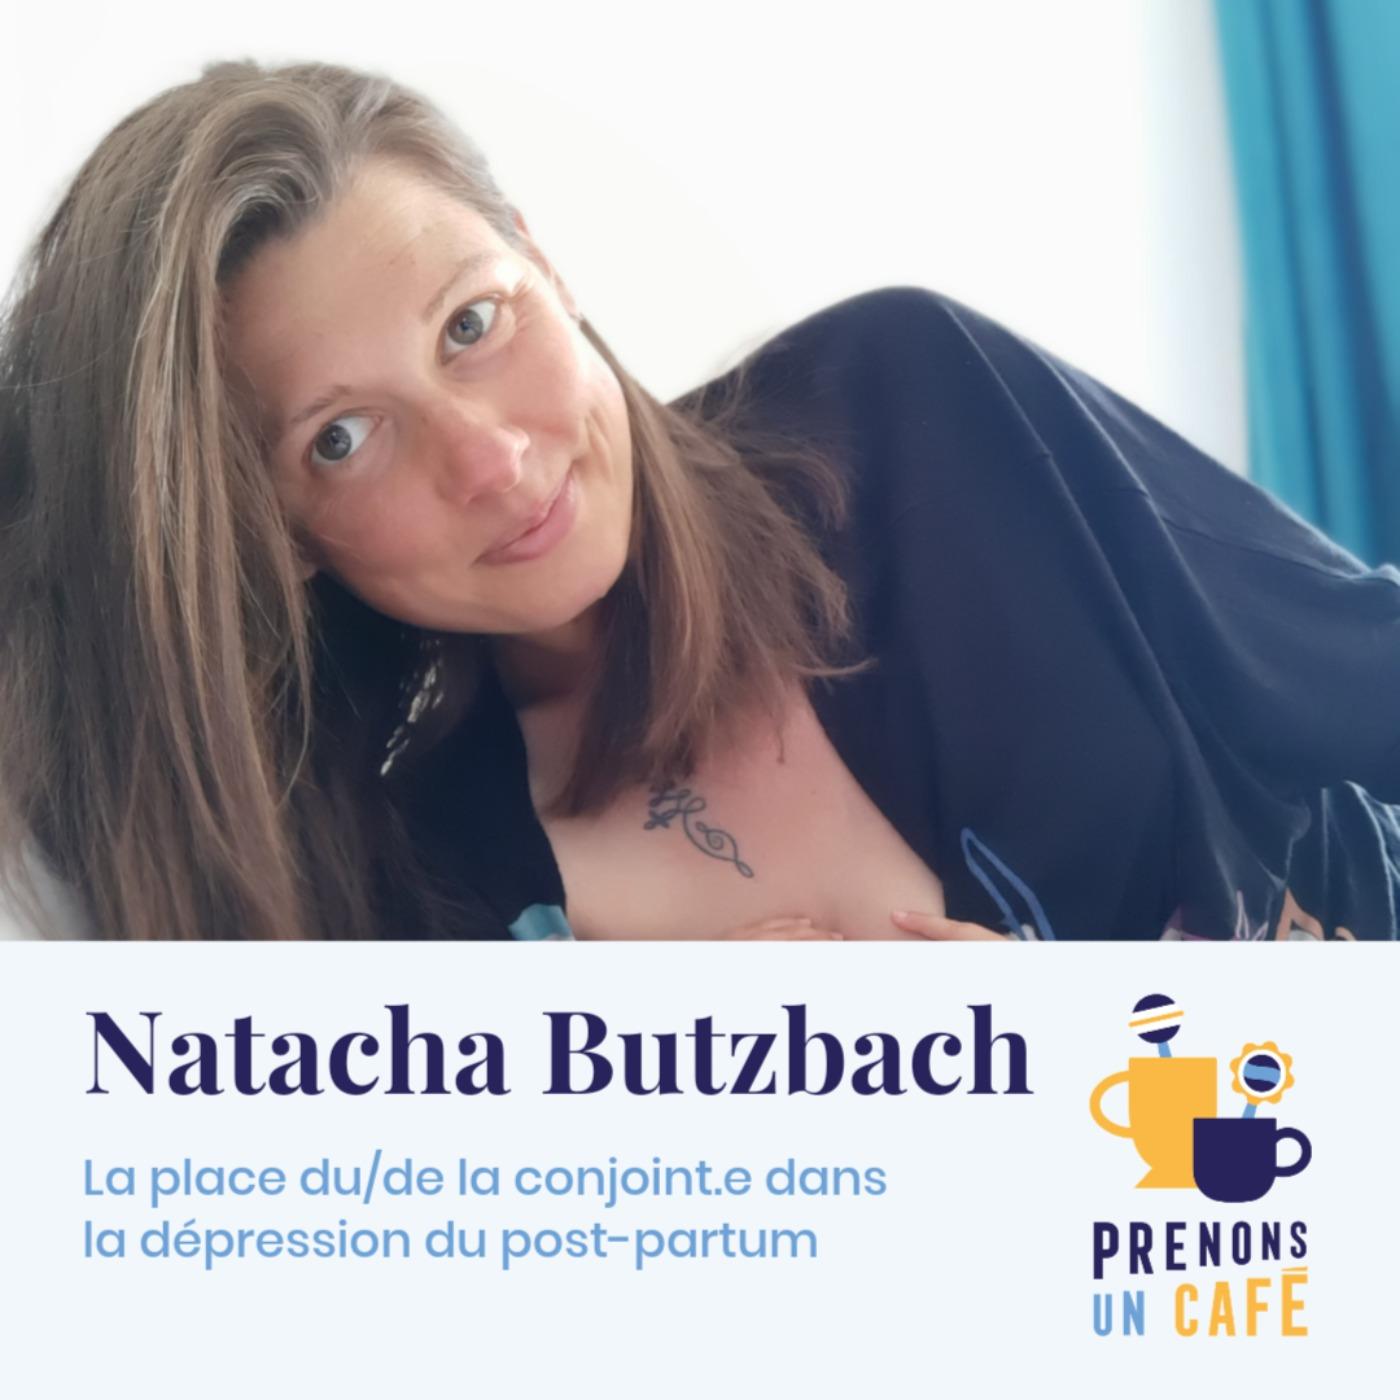 Parole de Pro #1 - Natacha Butzbach - La place du/de la conjoint.e dans la dépression du post-partum